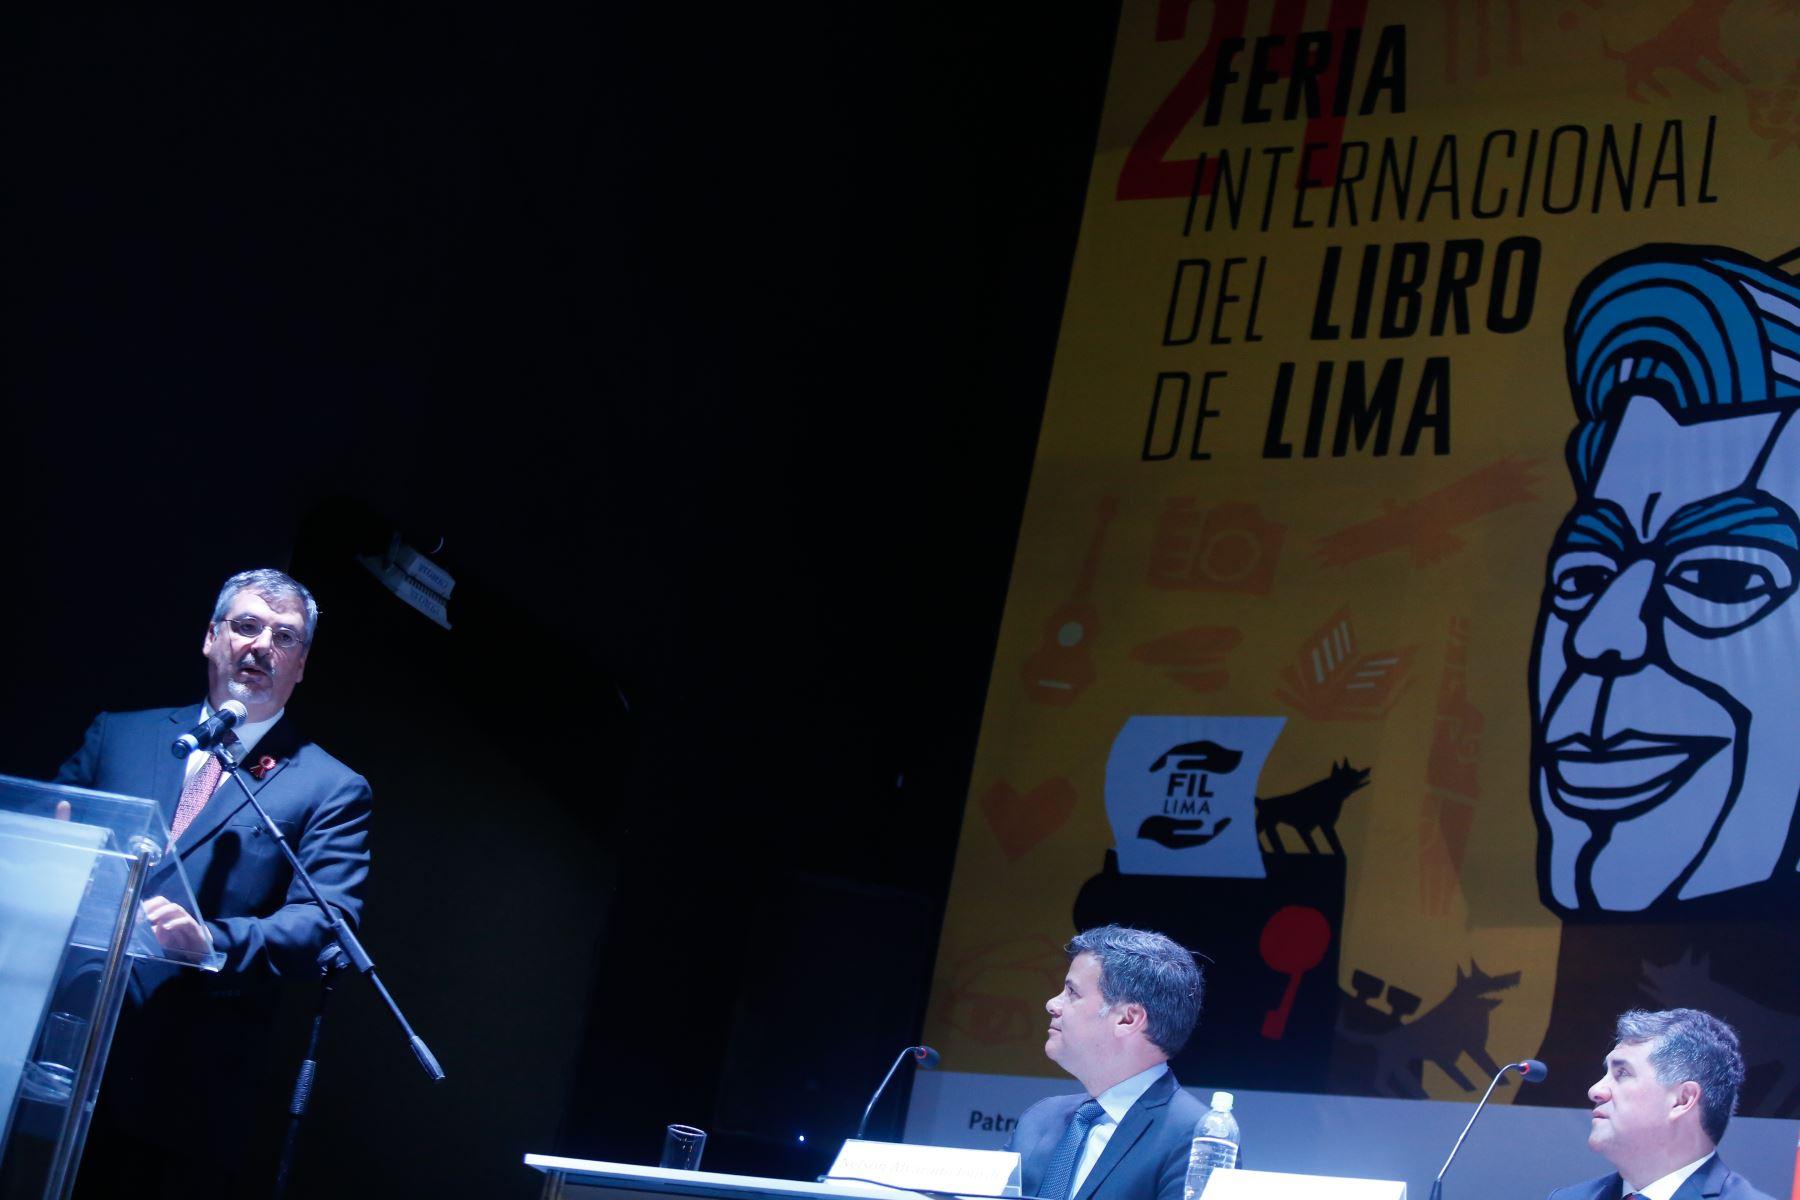 El presidente Martin Vizcarra participo en la ceremonia de inauguración de la 24ª Feria Internacional del Libro de Lima.FotoANDINA/Prensa Presidencia